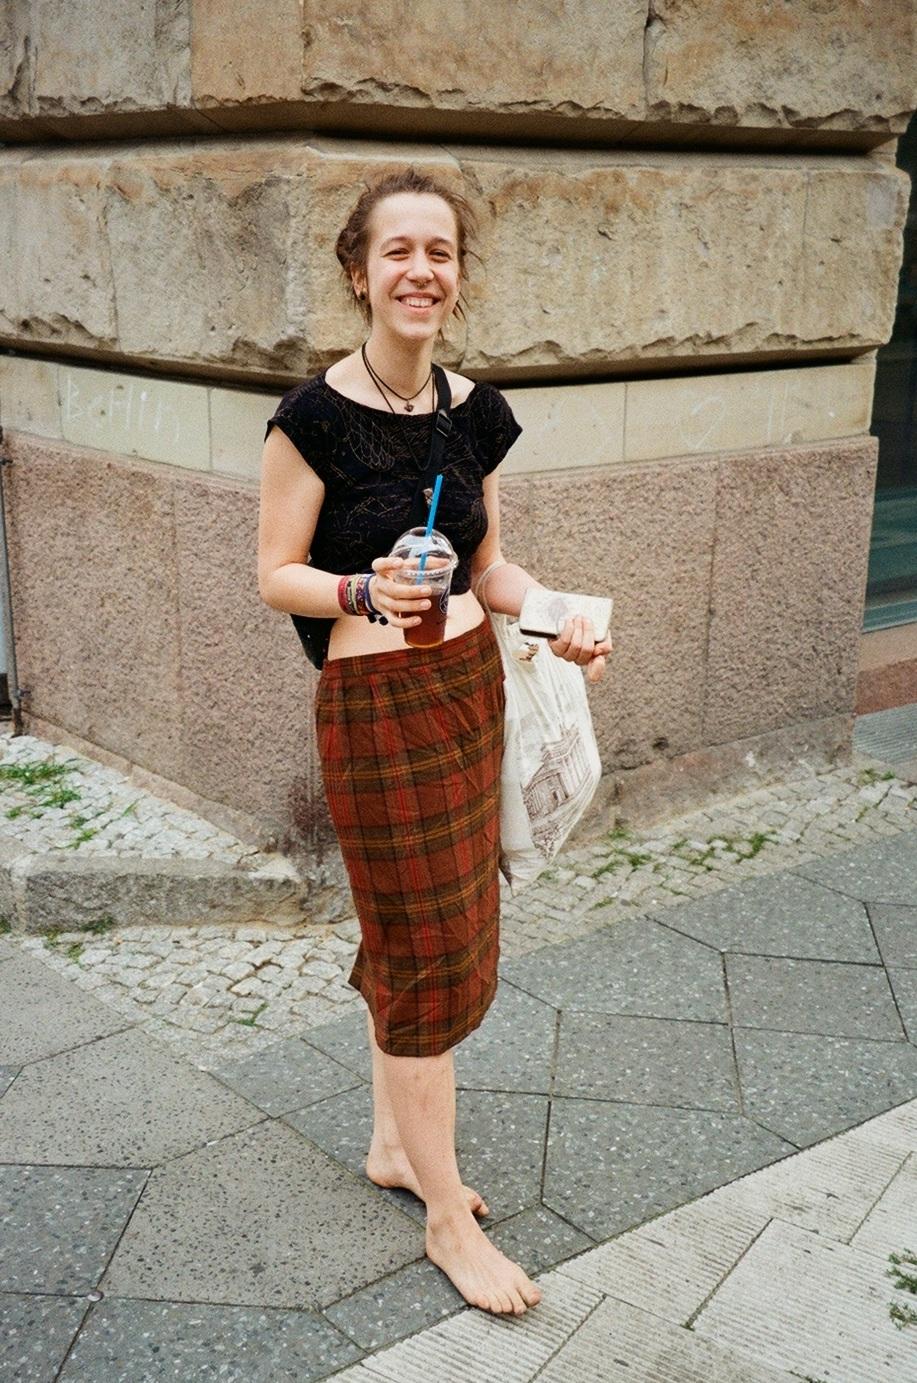 Kessi, born in Rostock (Germany)